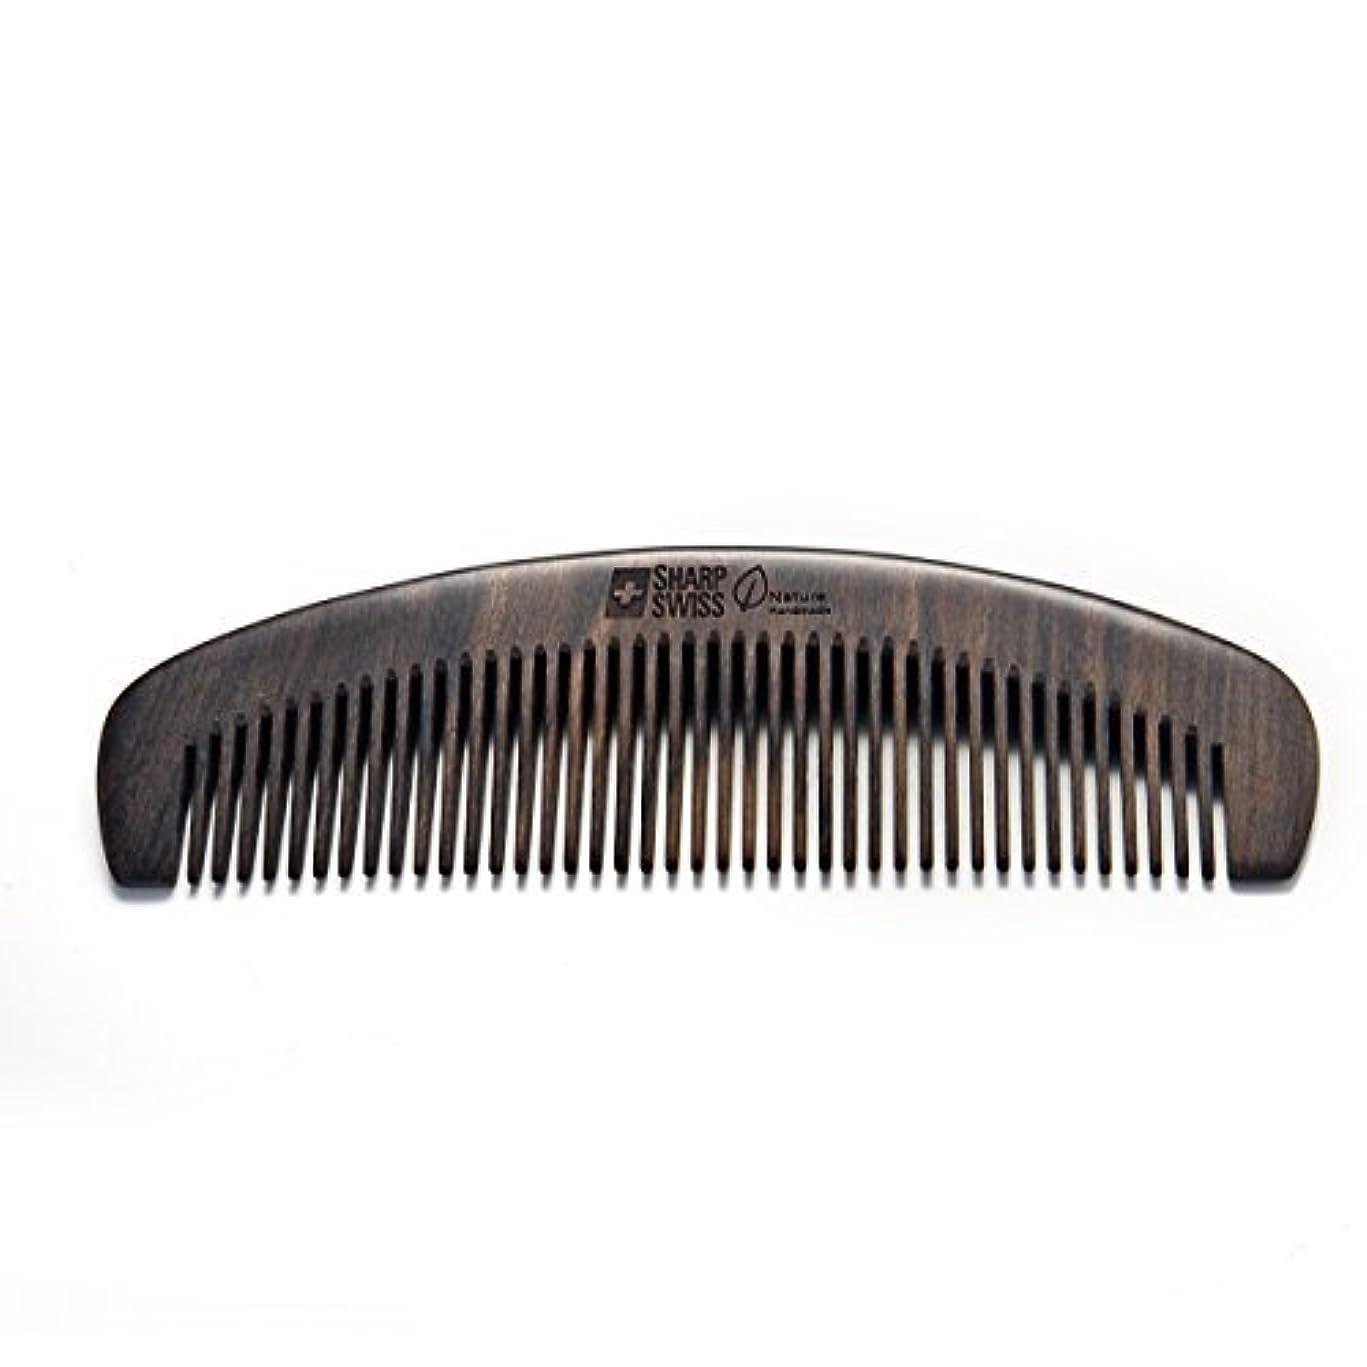 商品フェードアウト湿度SHARPSWISS No Static Black Nature Quality Wooden Hair Combs [並行輸入品]